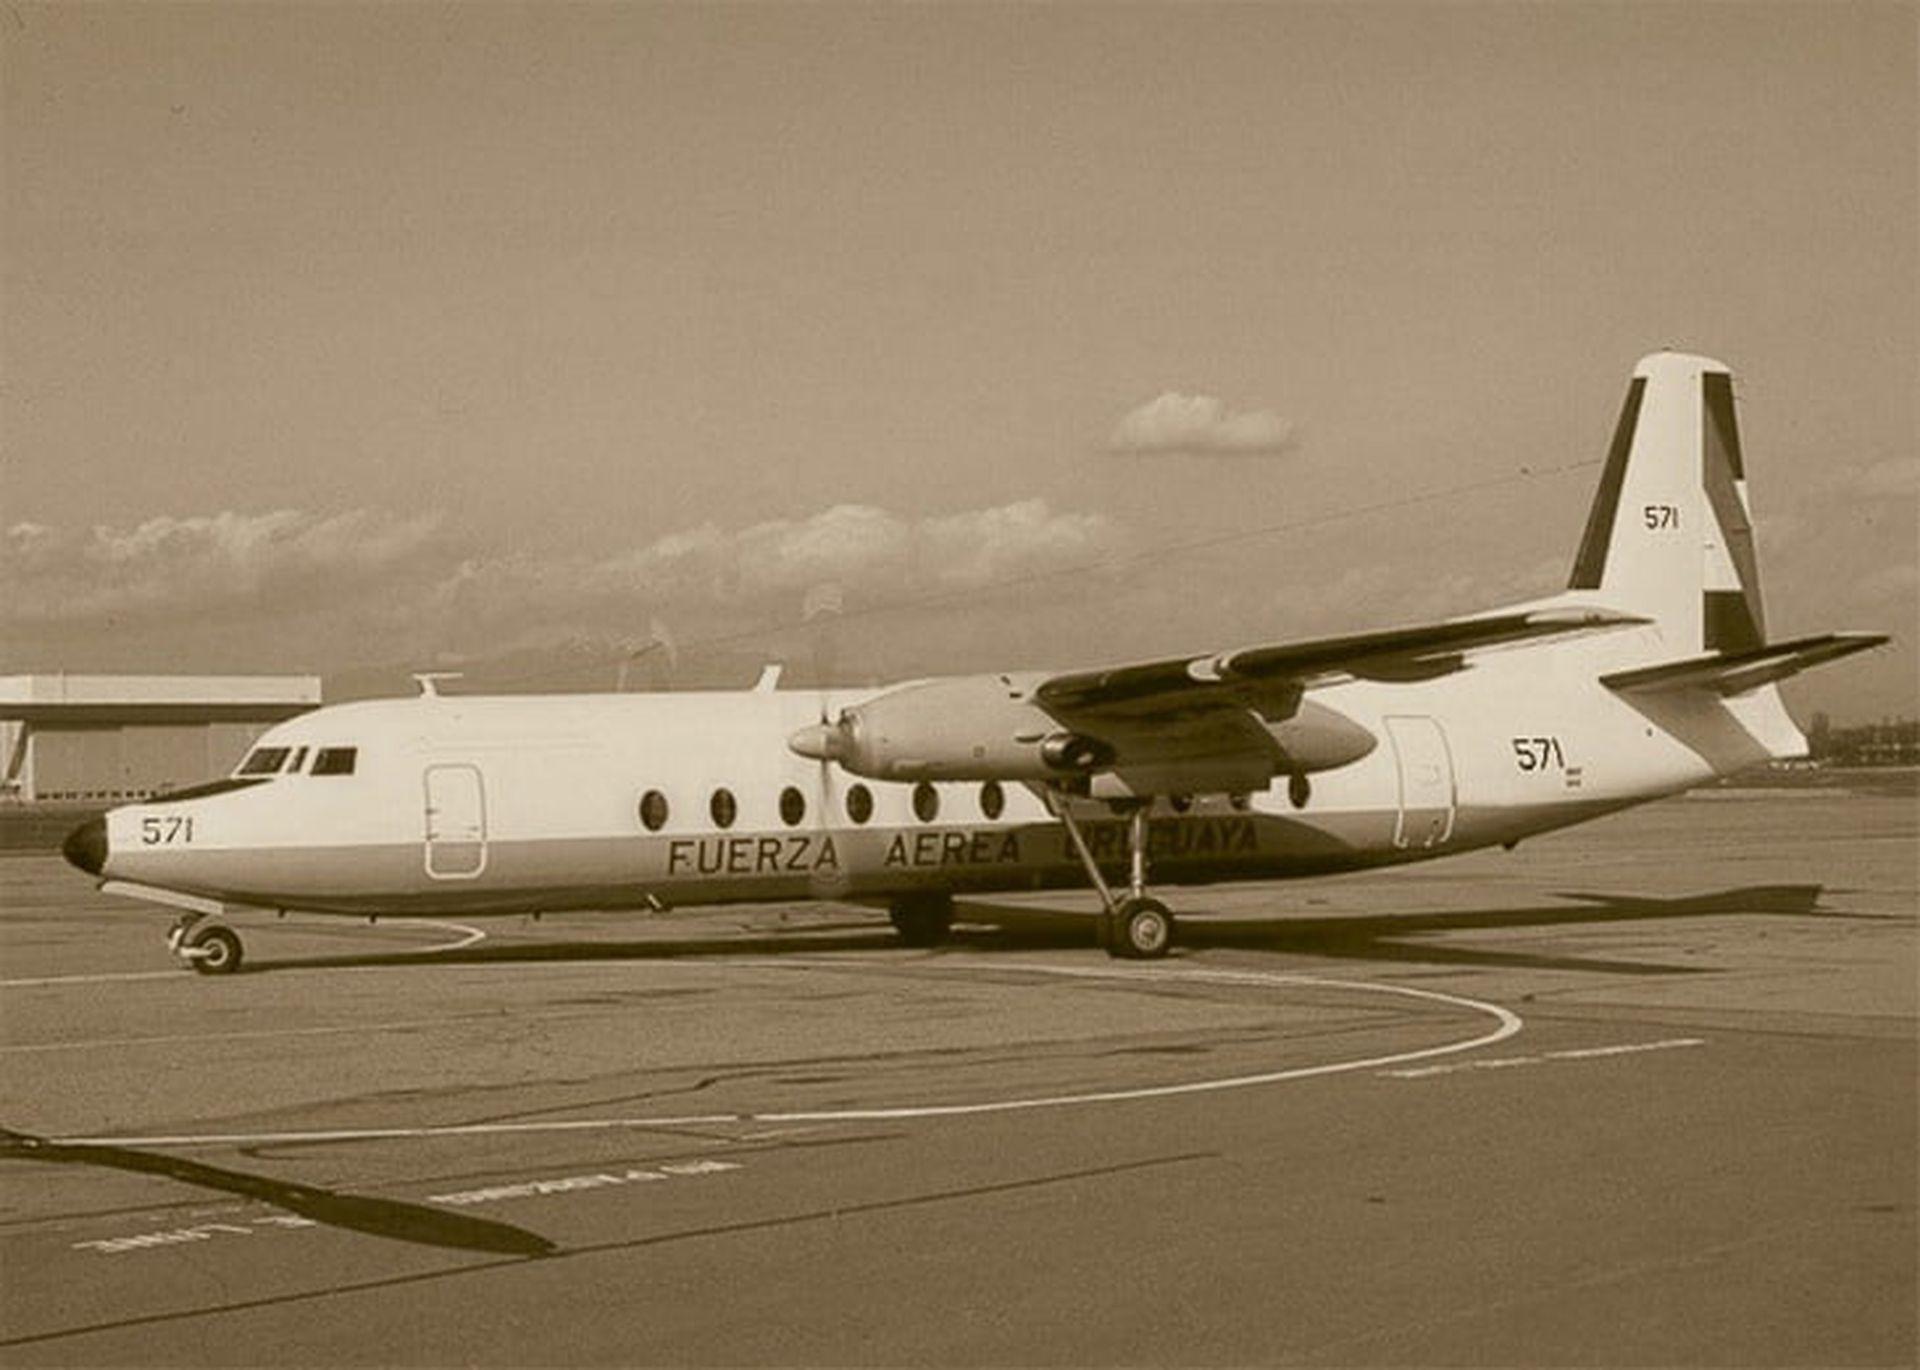 Самолетът, който не успява да прелети над Андите и остава в Глетчера на сълзите (както е кръстен години по-късно)